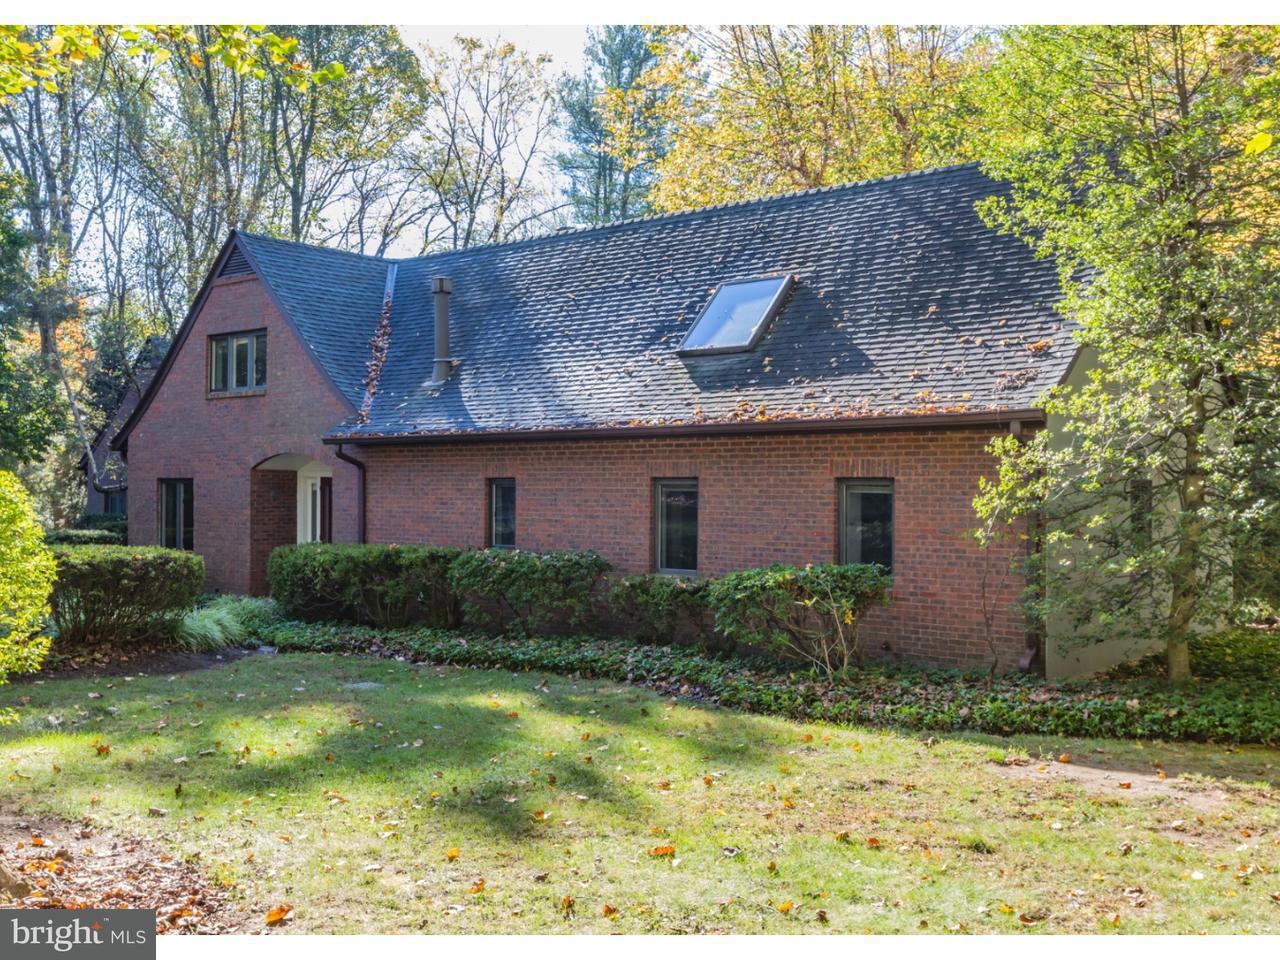 Частный односемейный дом для того Аренда на 22 CONSTITUTION HL W Princeton, Нью-Джерси 08540 Соединенные ШтатыВ/Около: Princeton